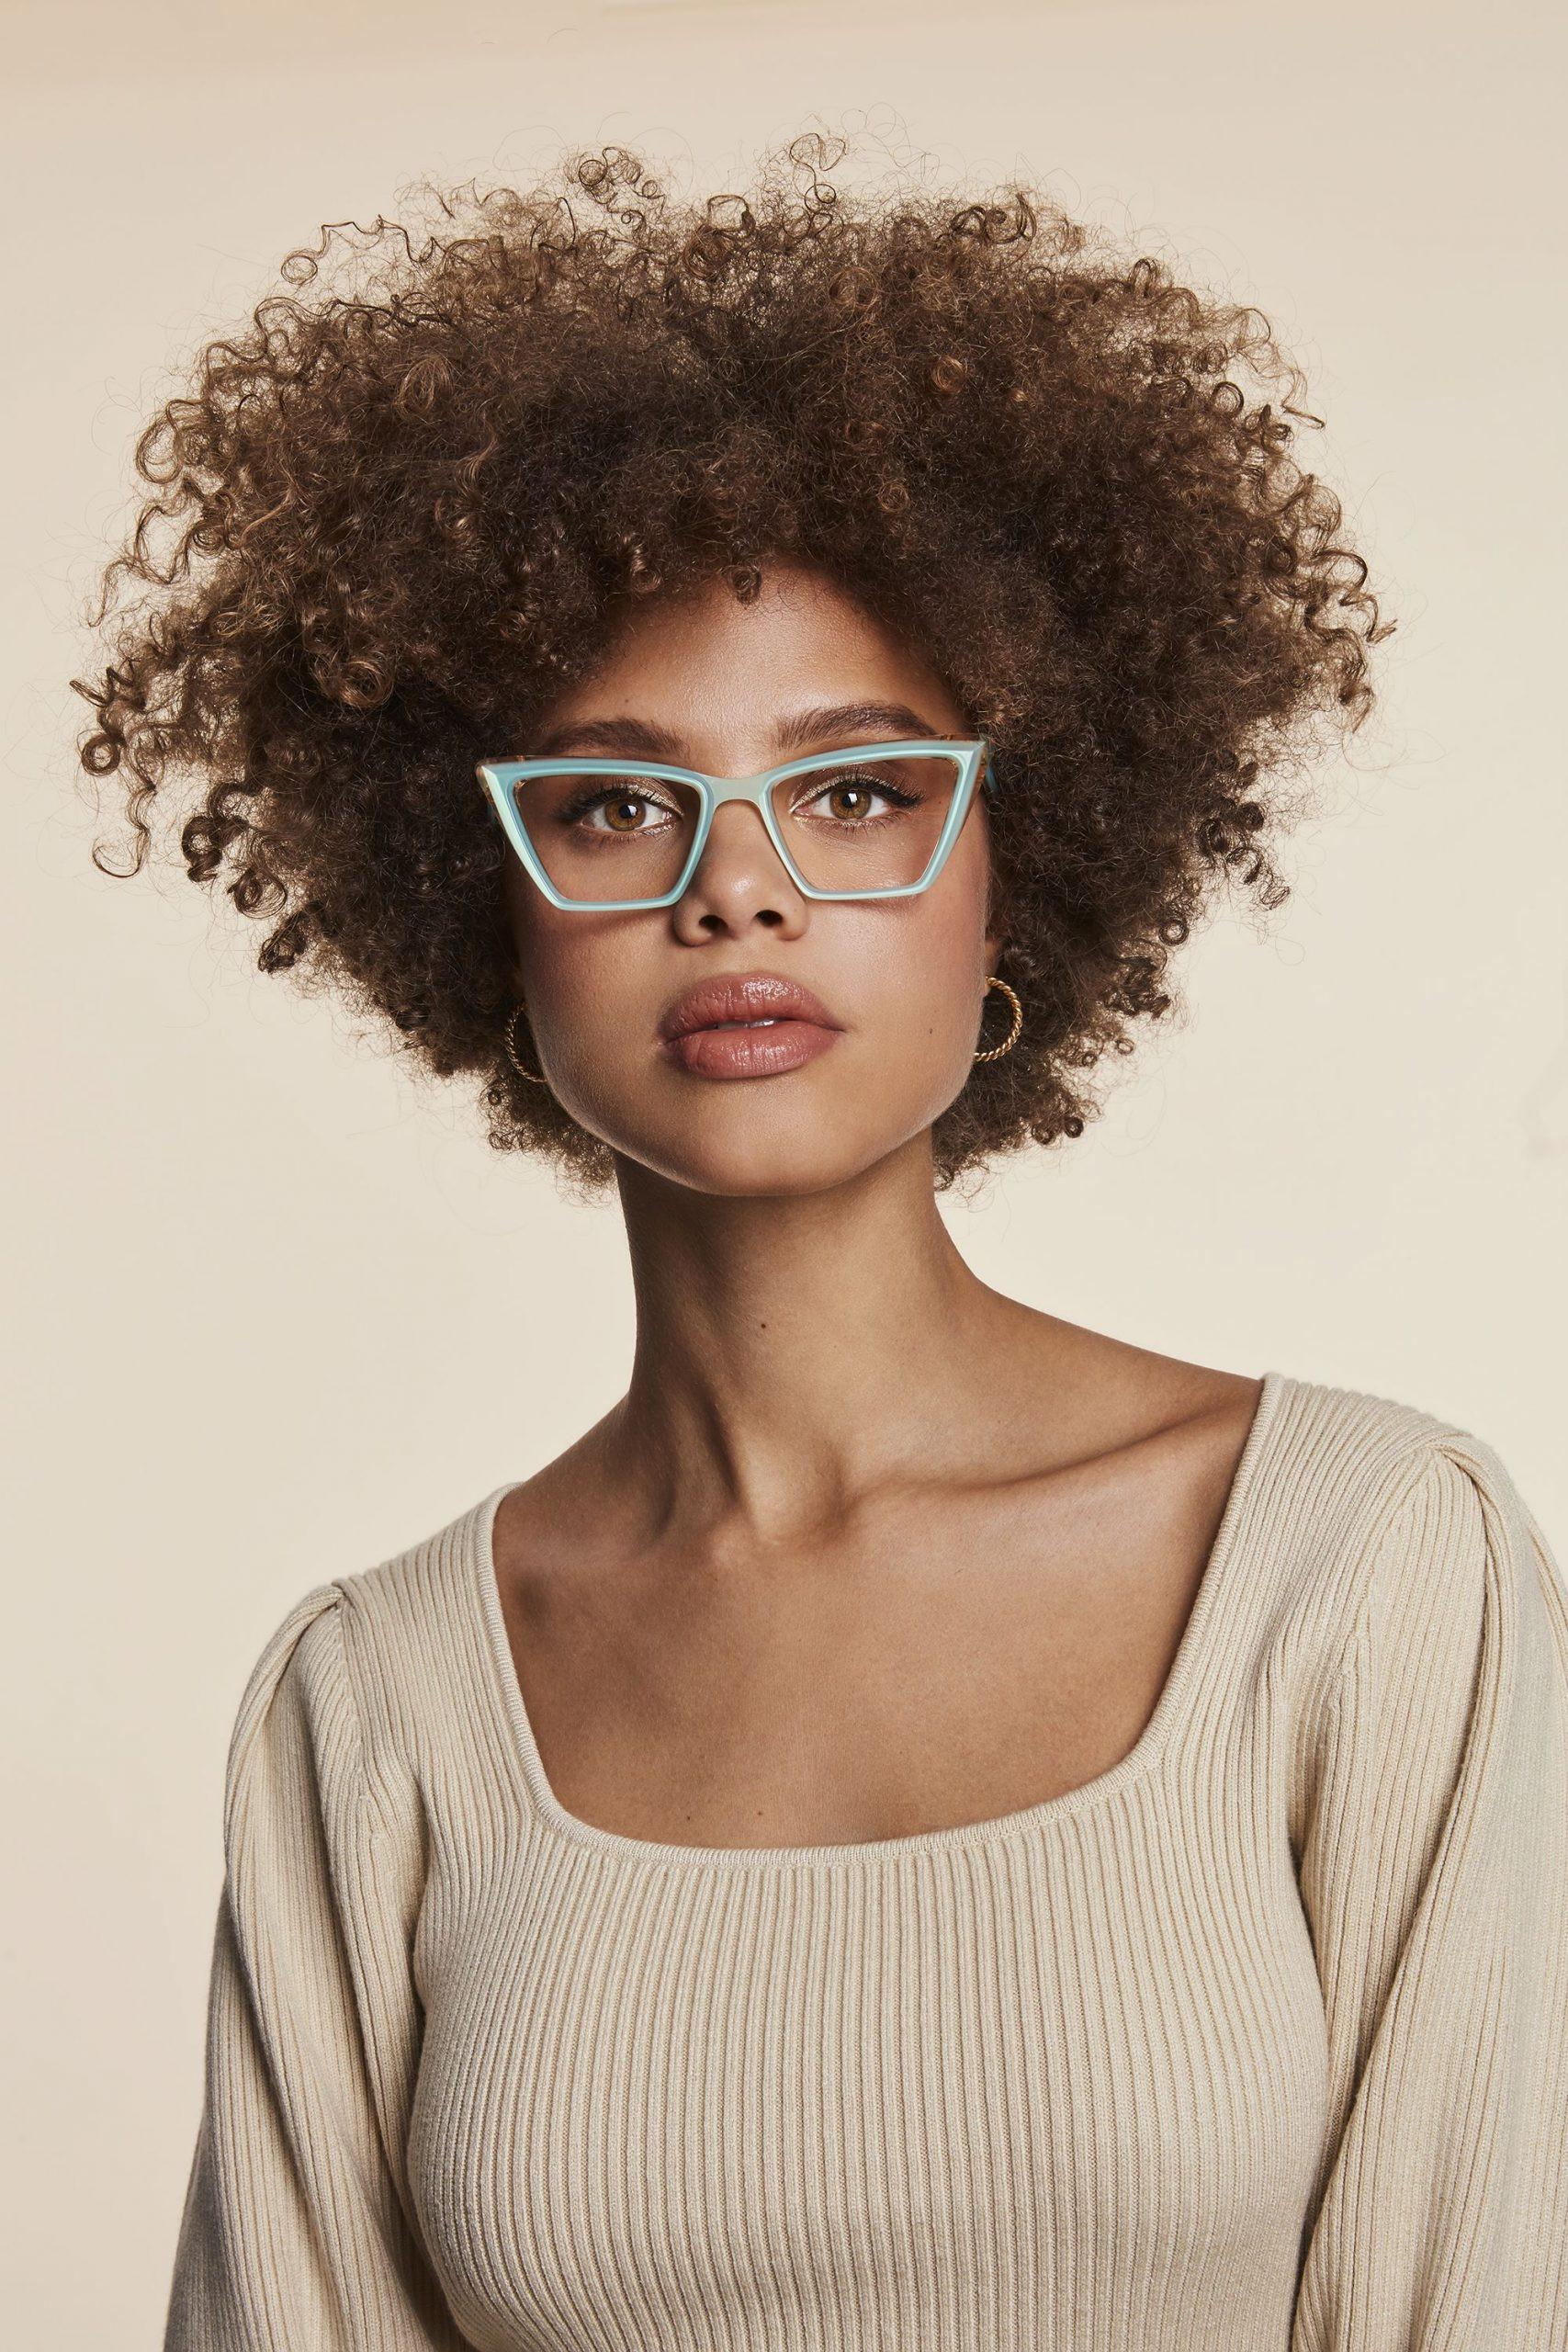 Biến hóa đa phong cách cùng thiết kế mắt kính cận sành điệu-4